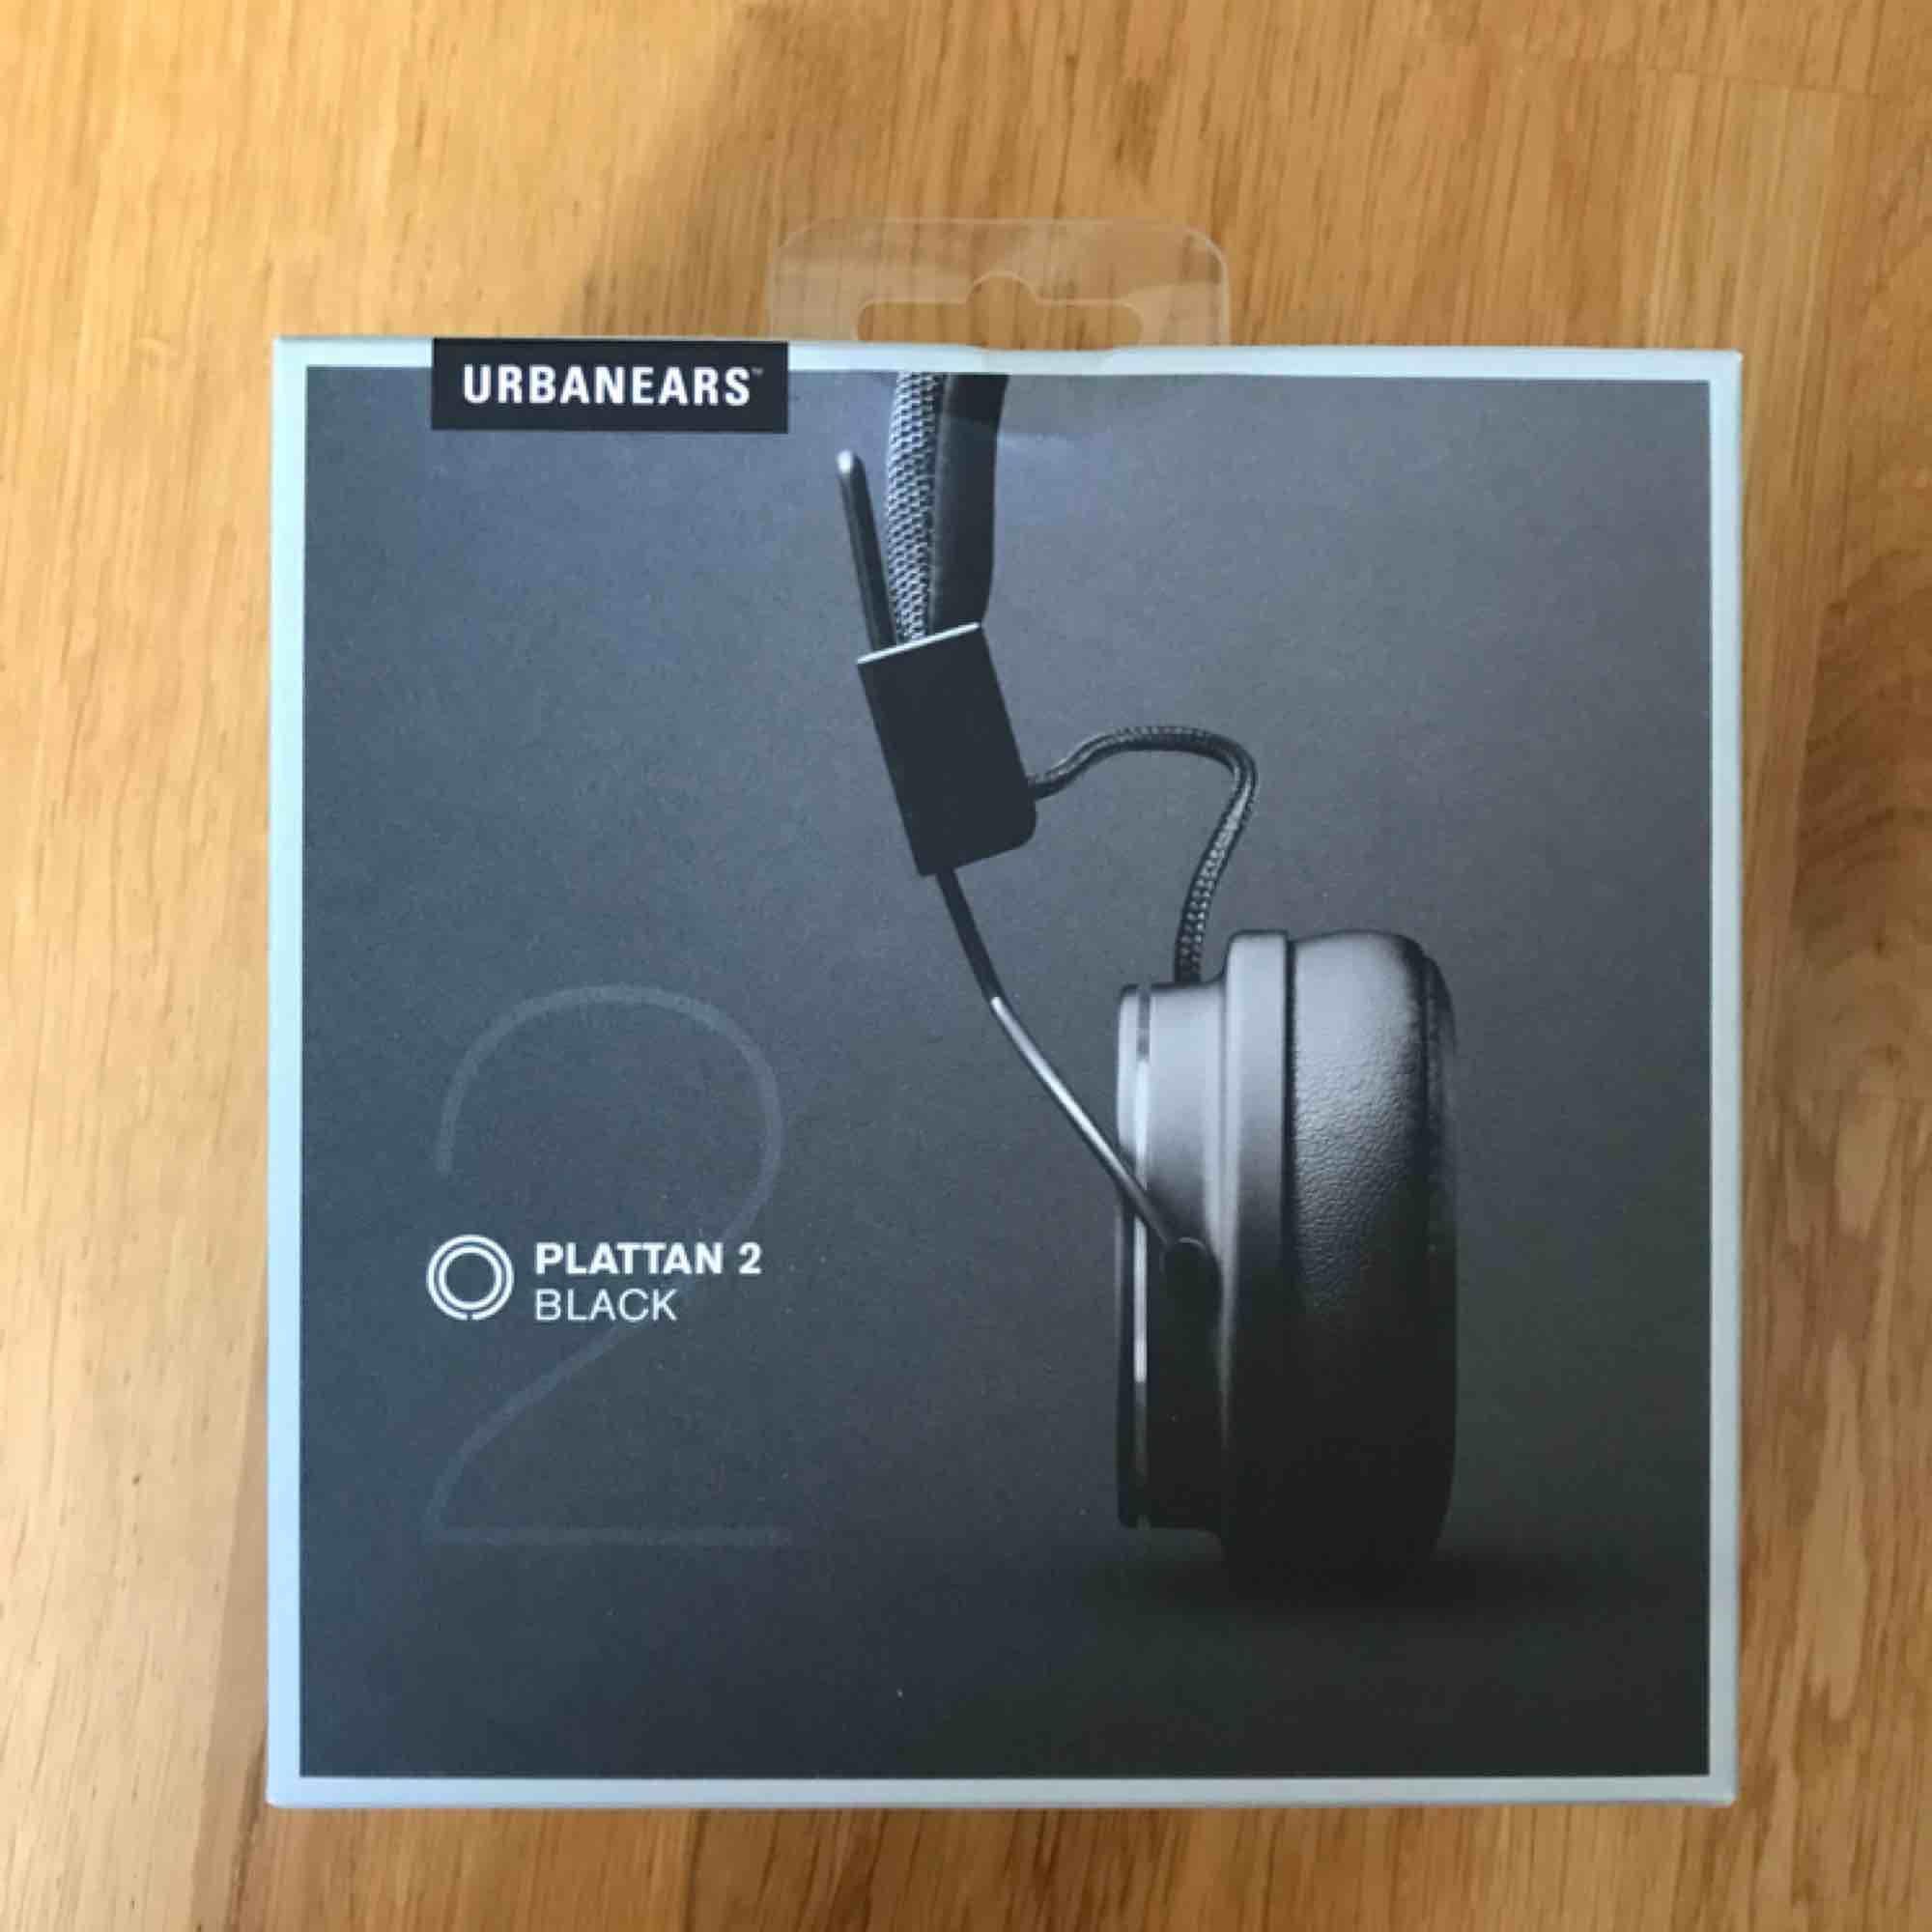 Nya hörlurar, ej trådlösa och passar till de runda hörlurehålen.  Nypris 399 kr Helt oöppnade säljs pga felköp.. Övrigt.